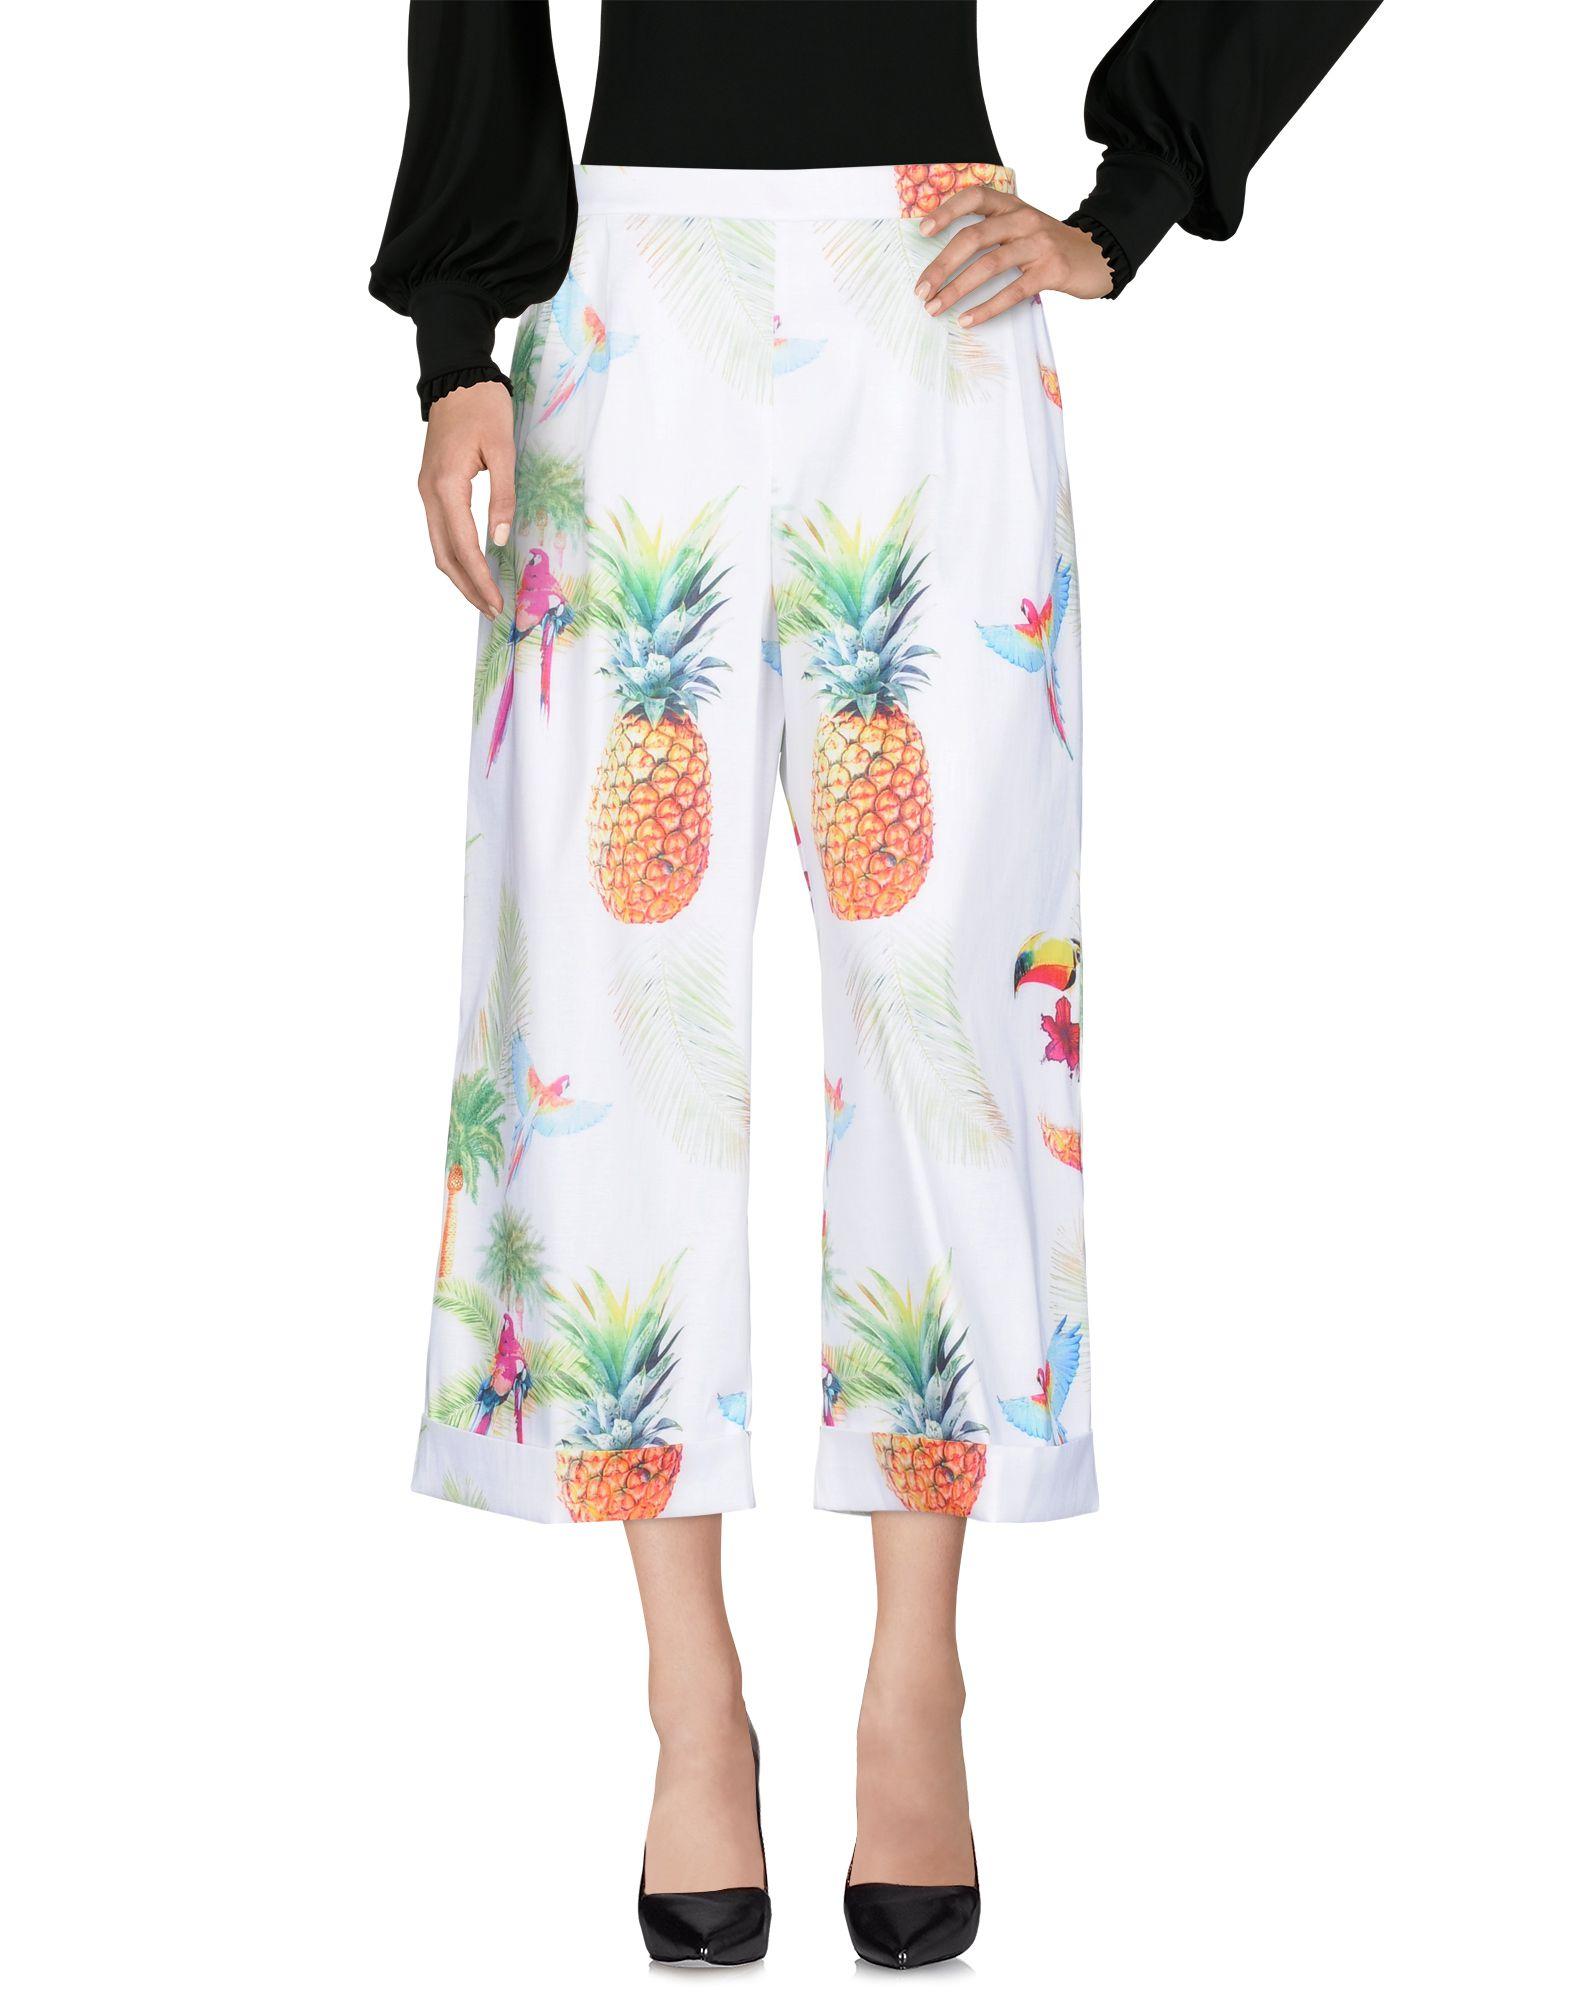 Pantalone Tolèrance donna donna donna - 13189299GC b18